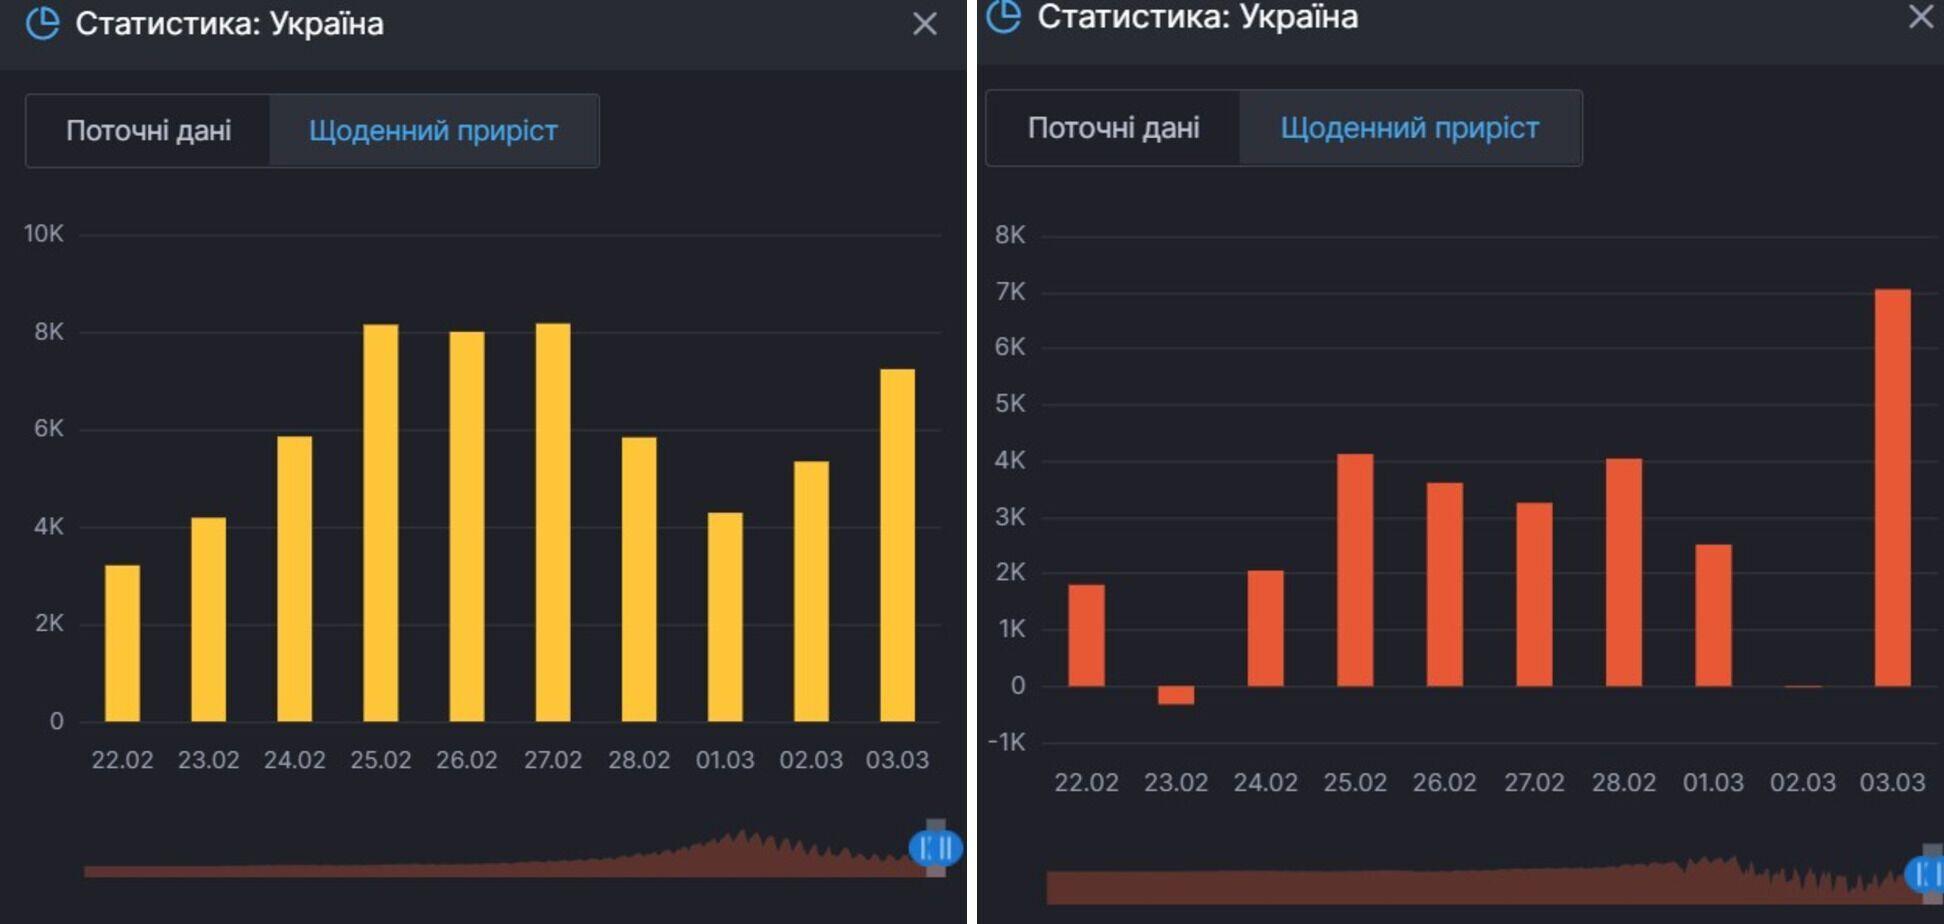 Прирост заражений и активных больных COVID-19 в Украине